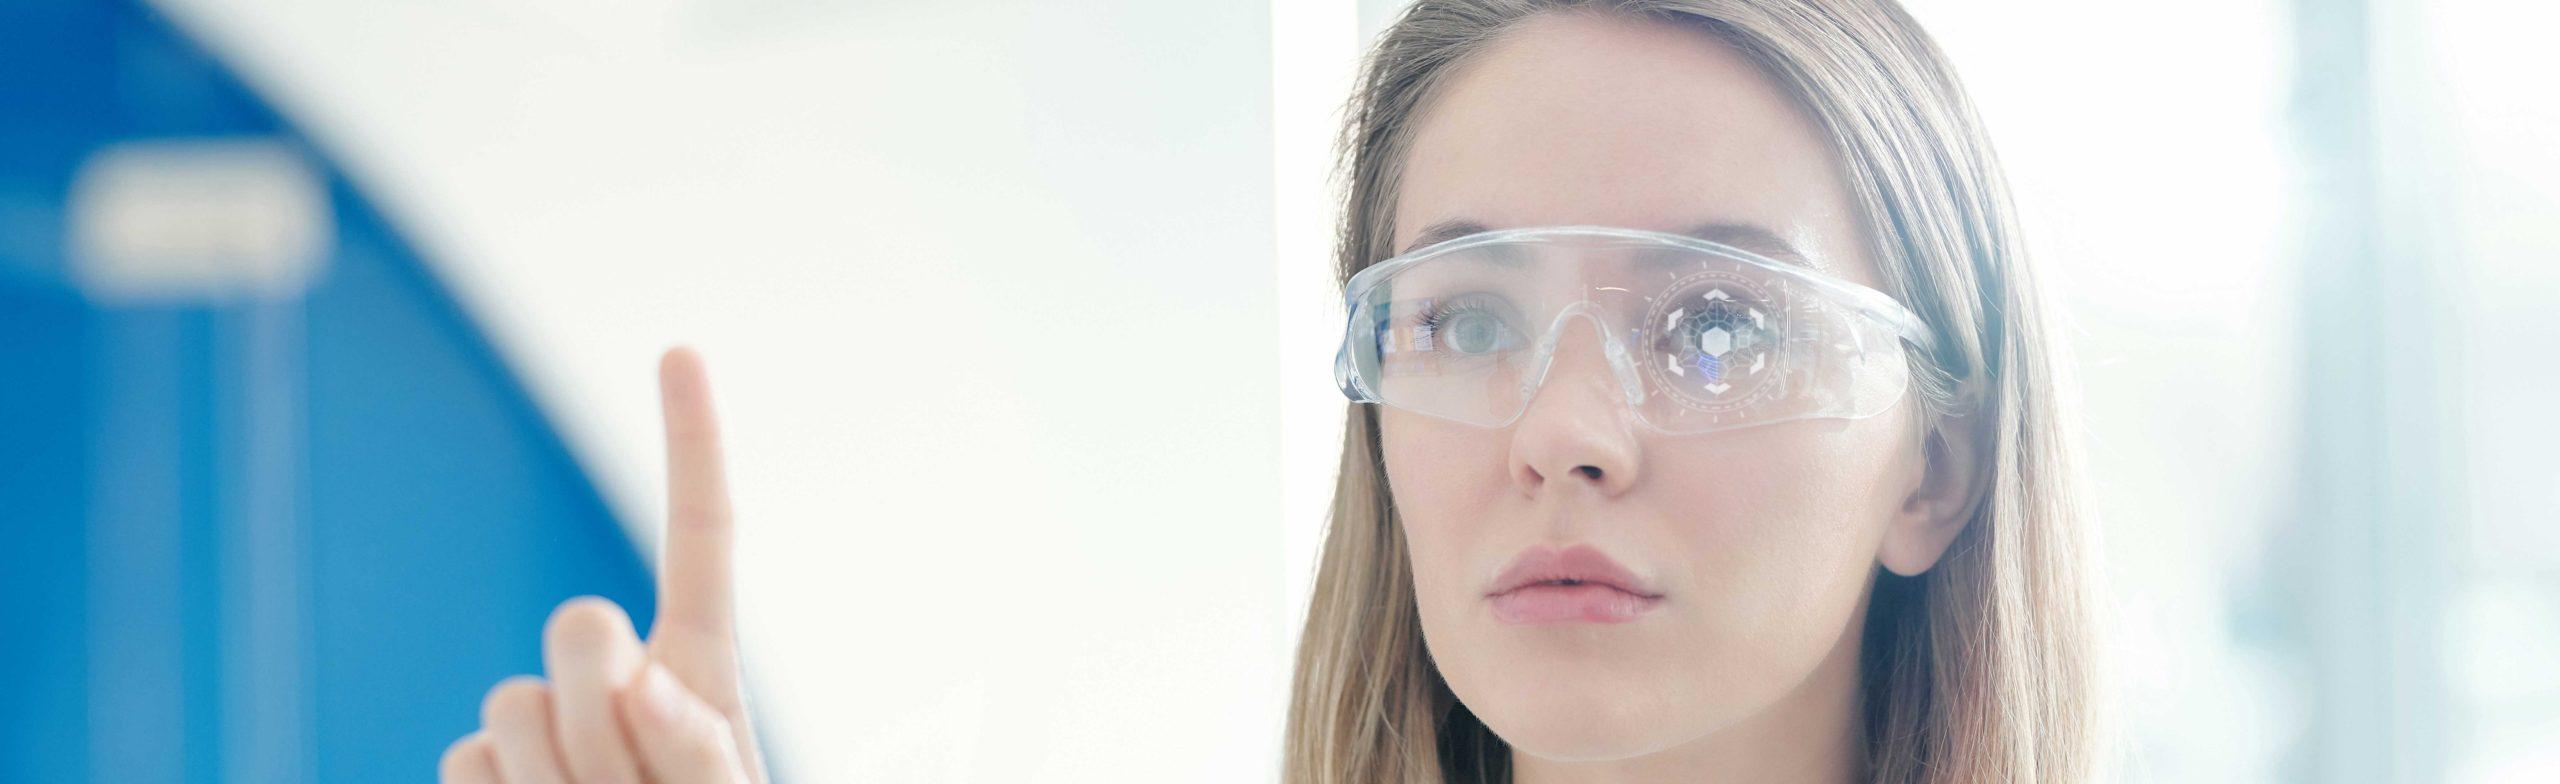 girl-using-smart-glasses